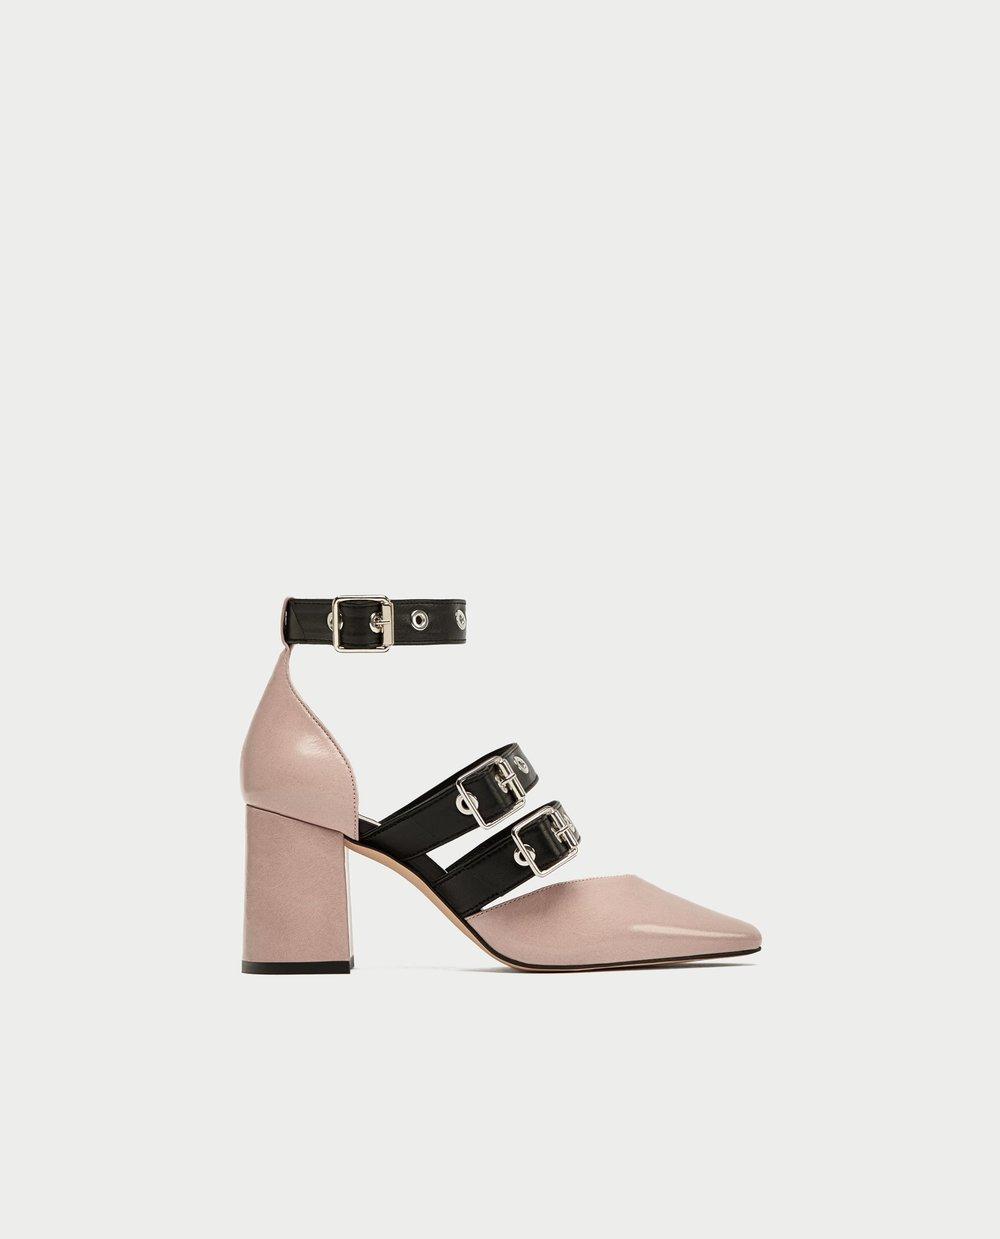 Zara - $75.90